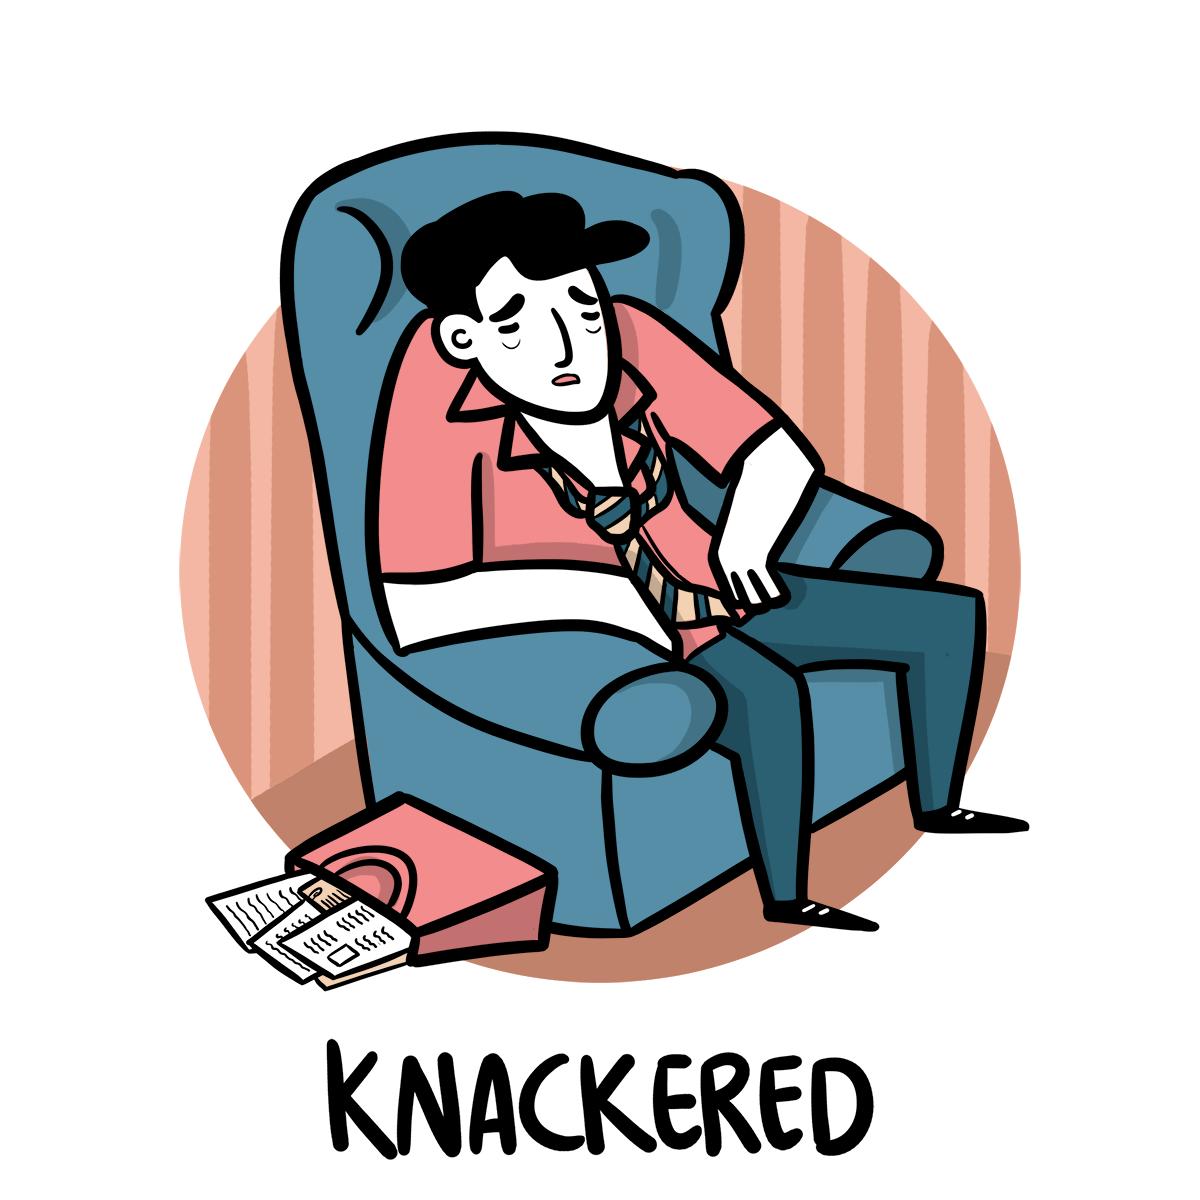 slang inglese knackered